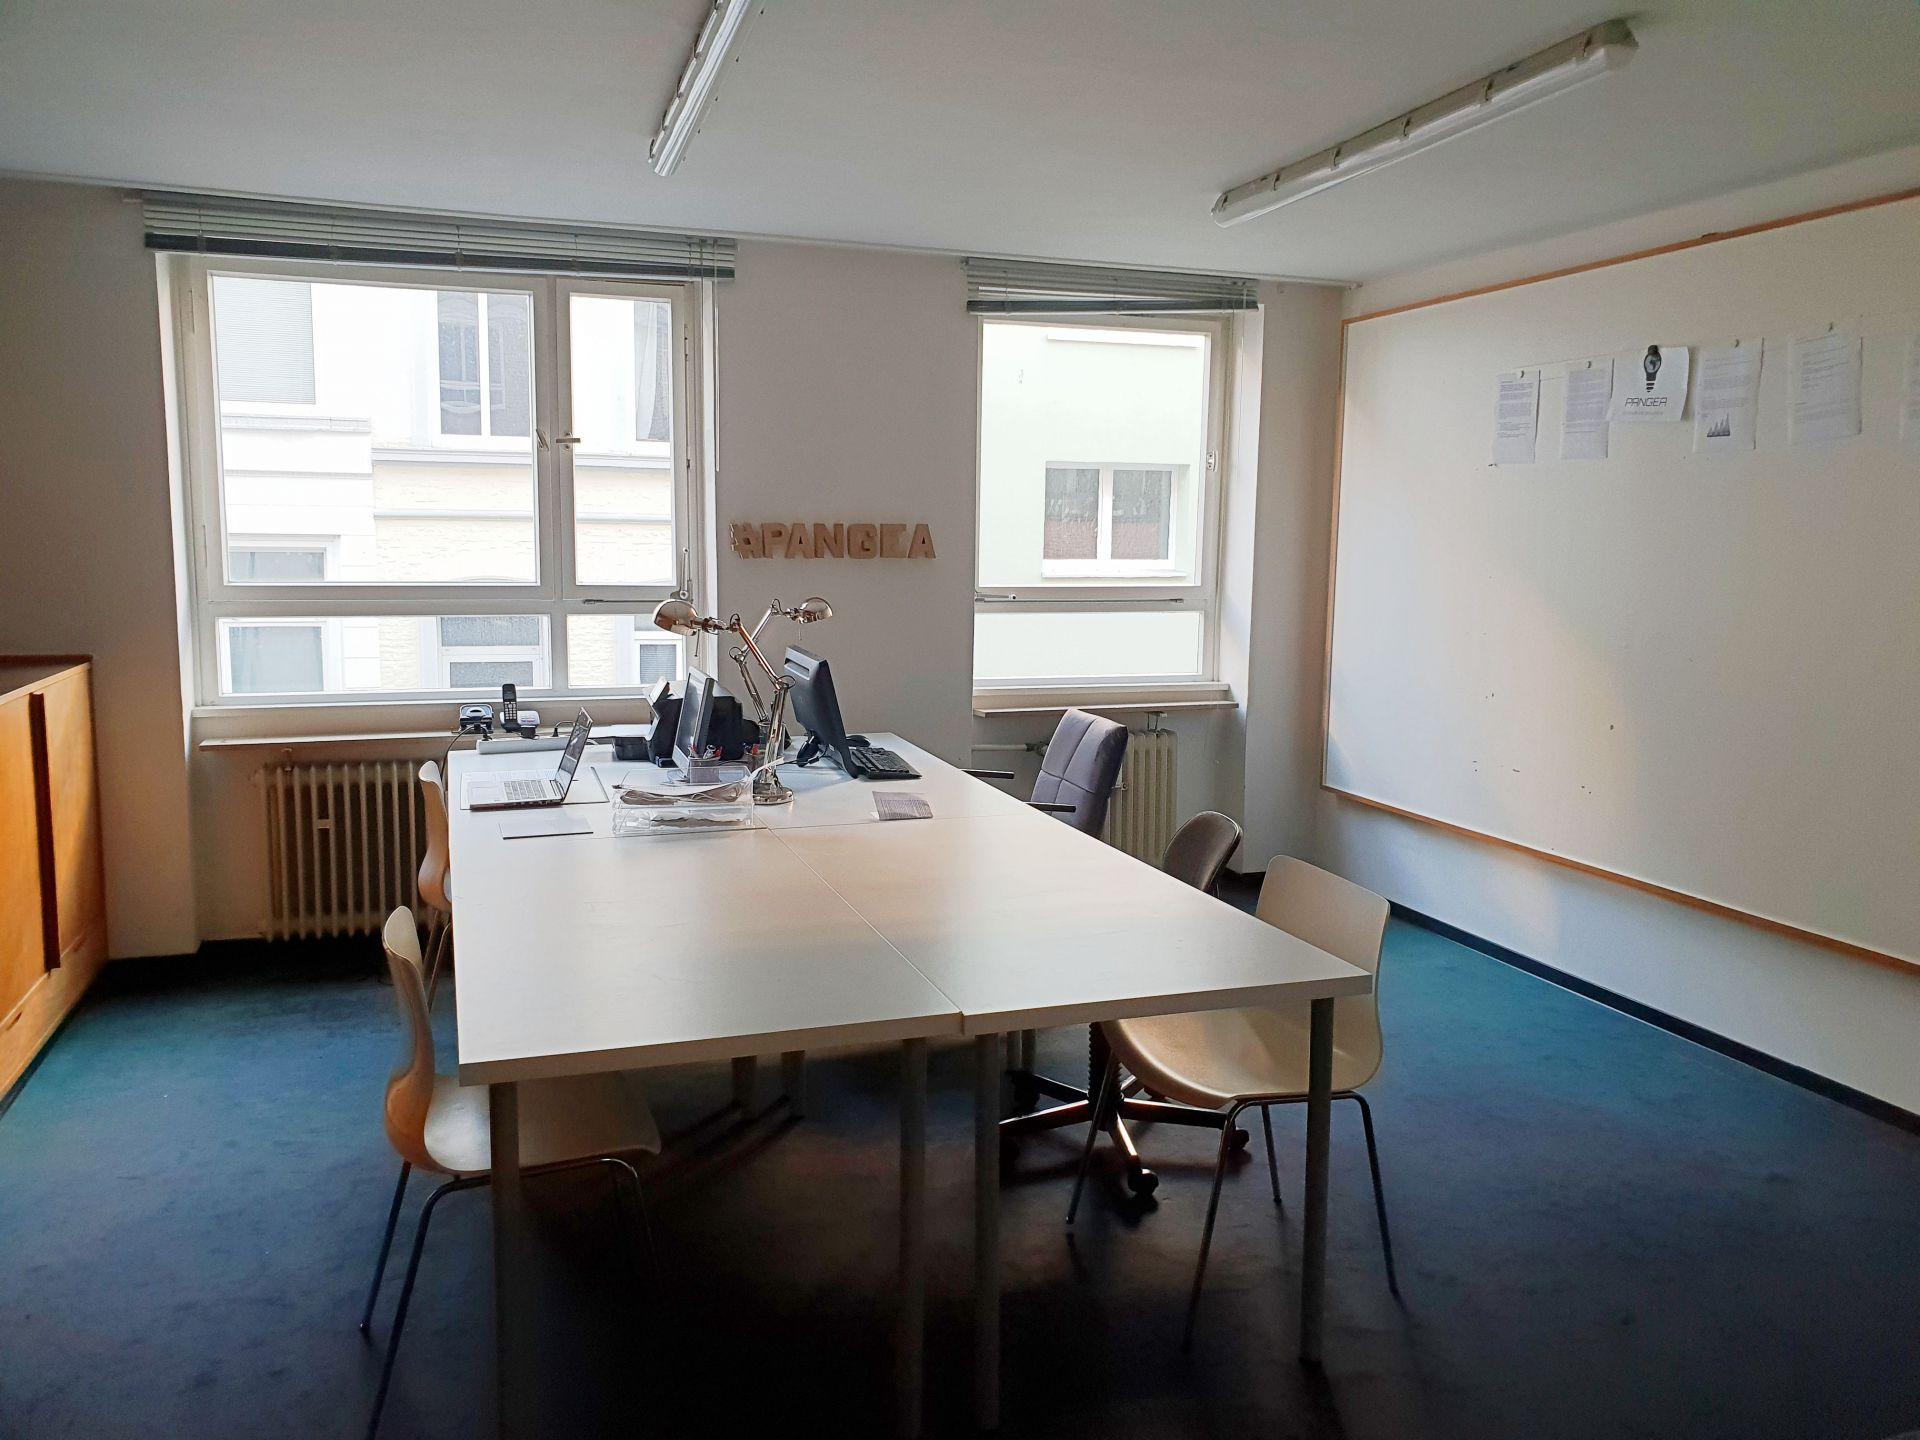 Pangea Office, Aachen